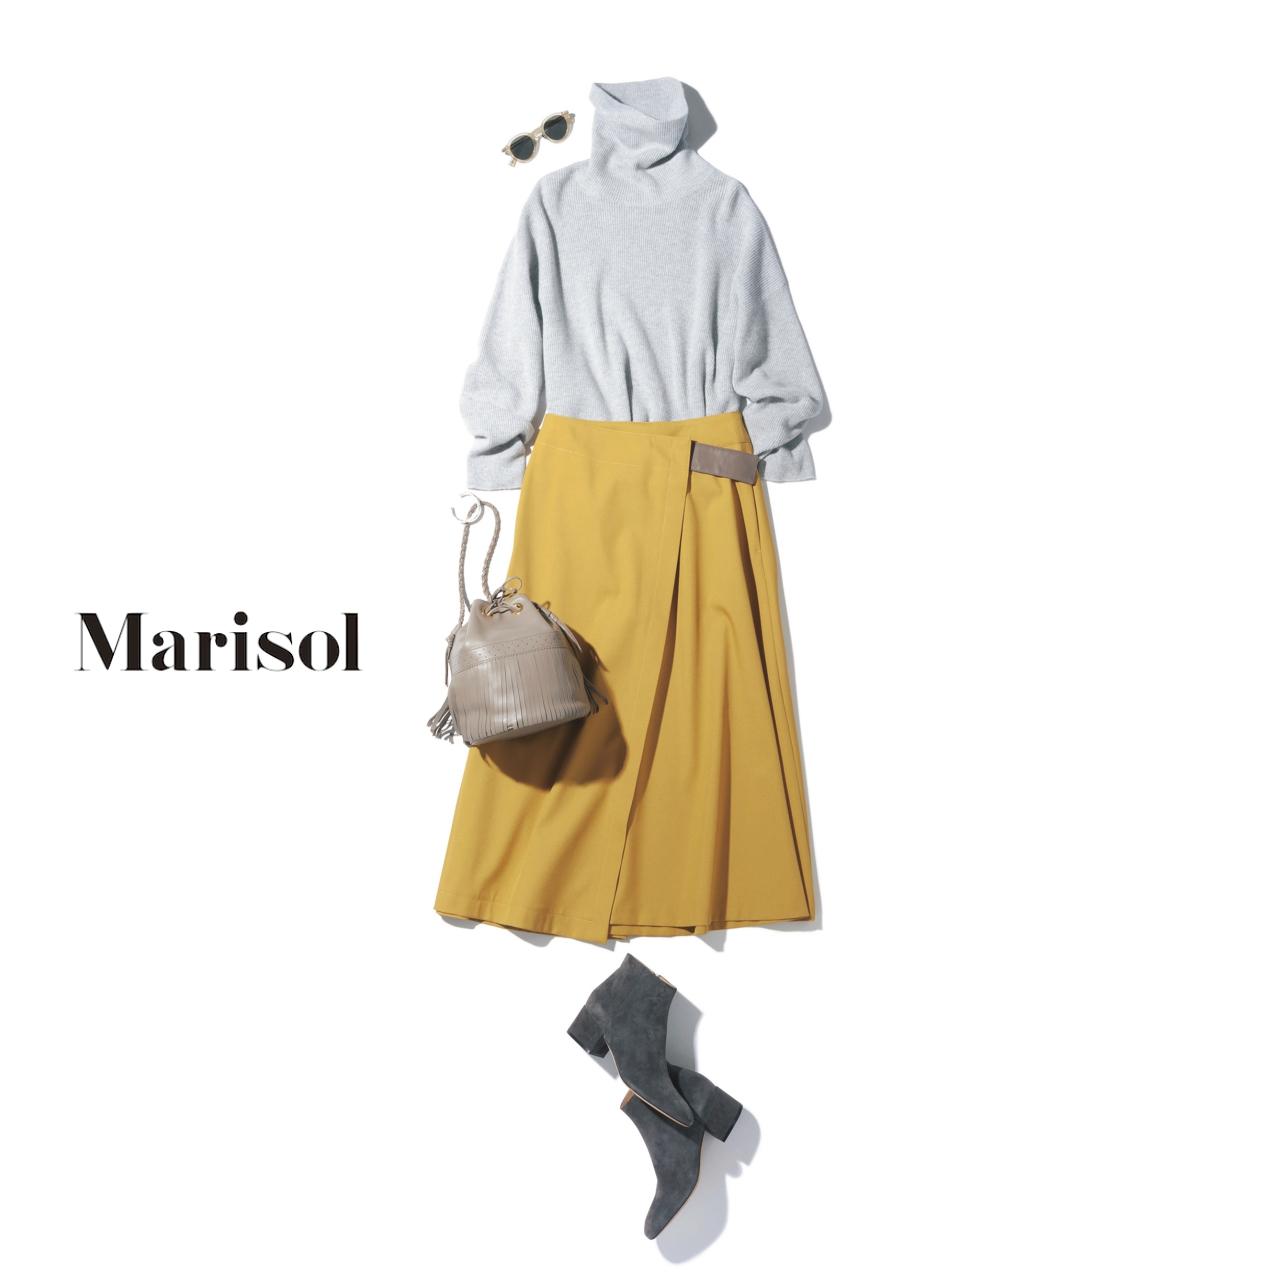 イエロースカート×白ニットのファッションコーデ